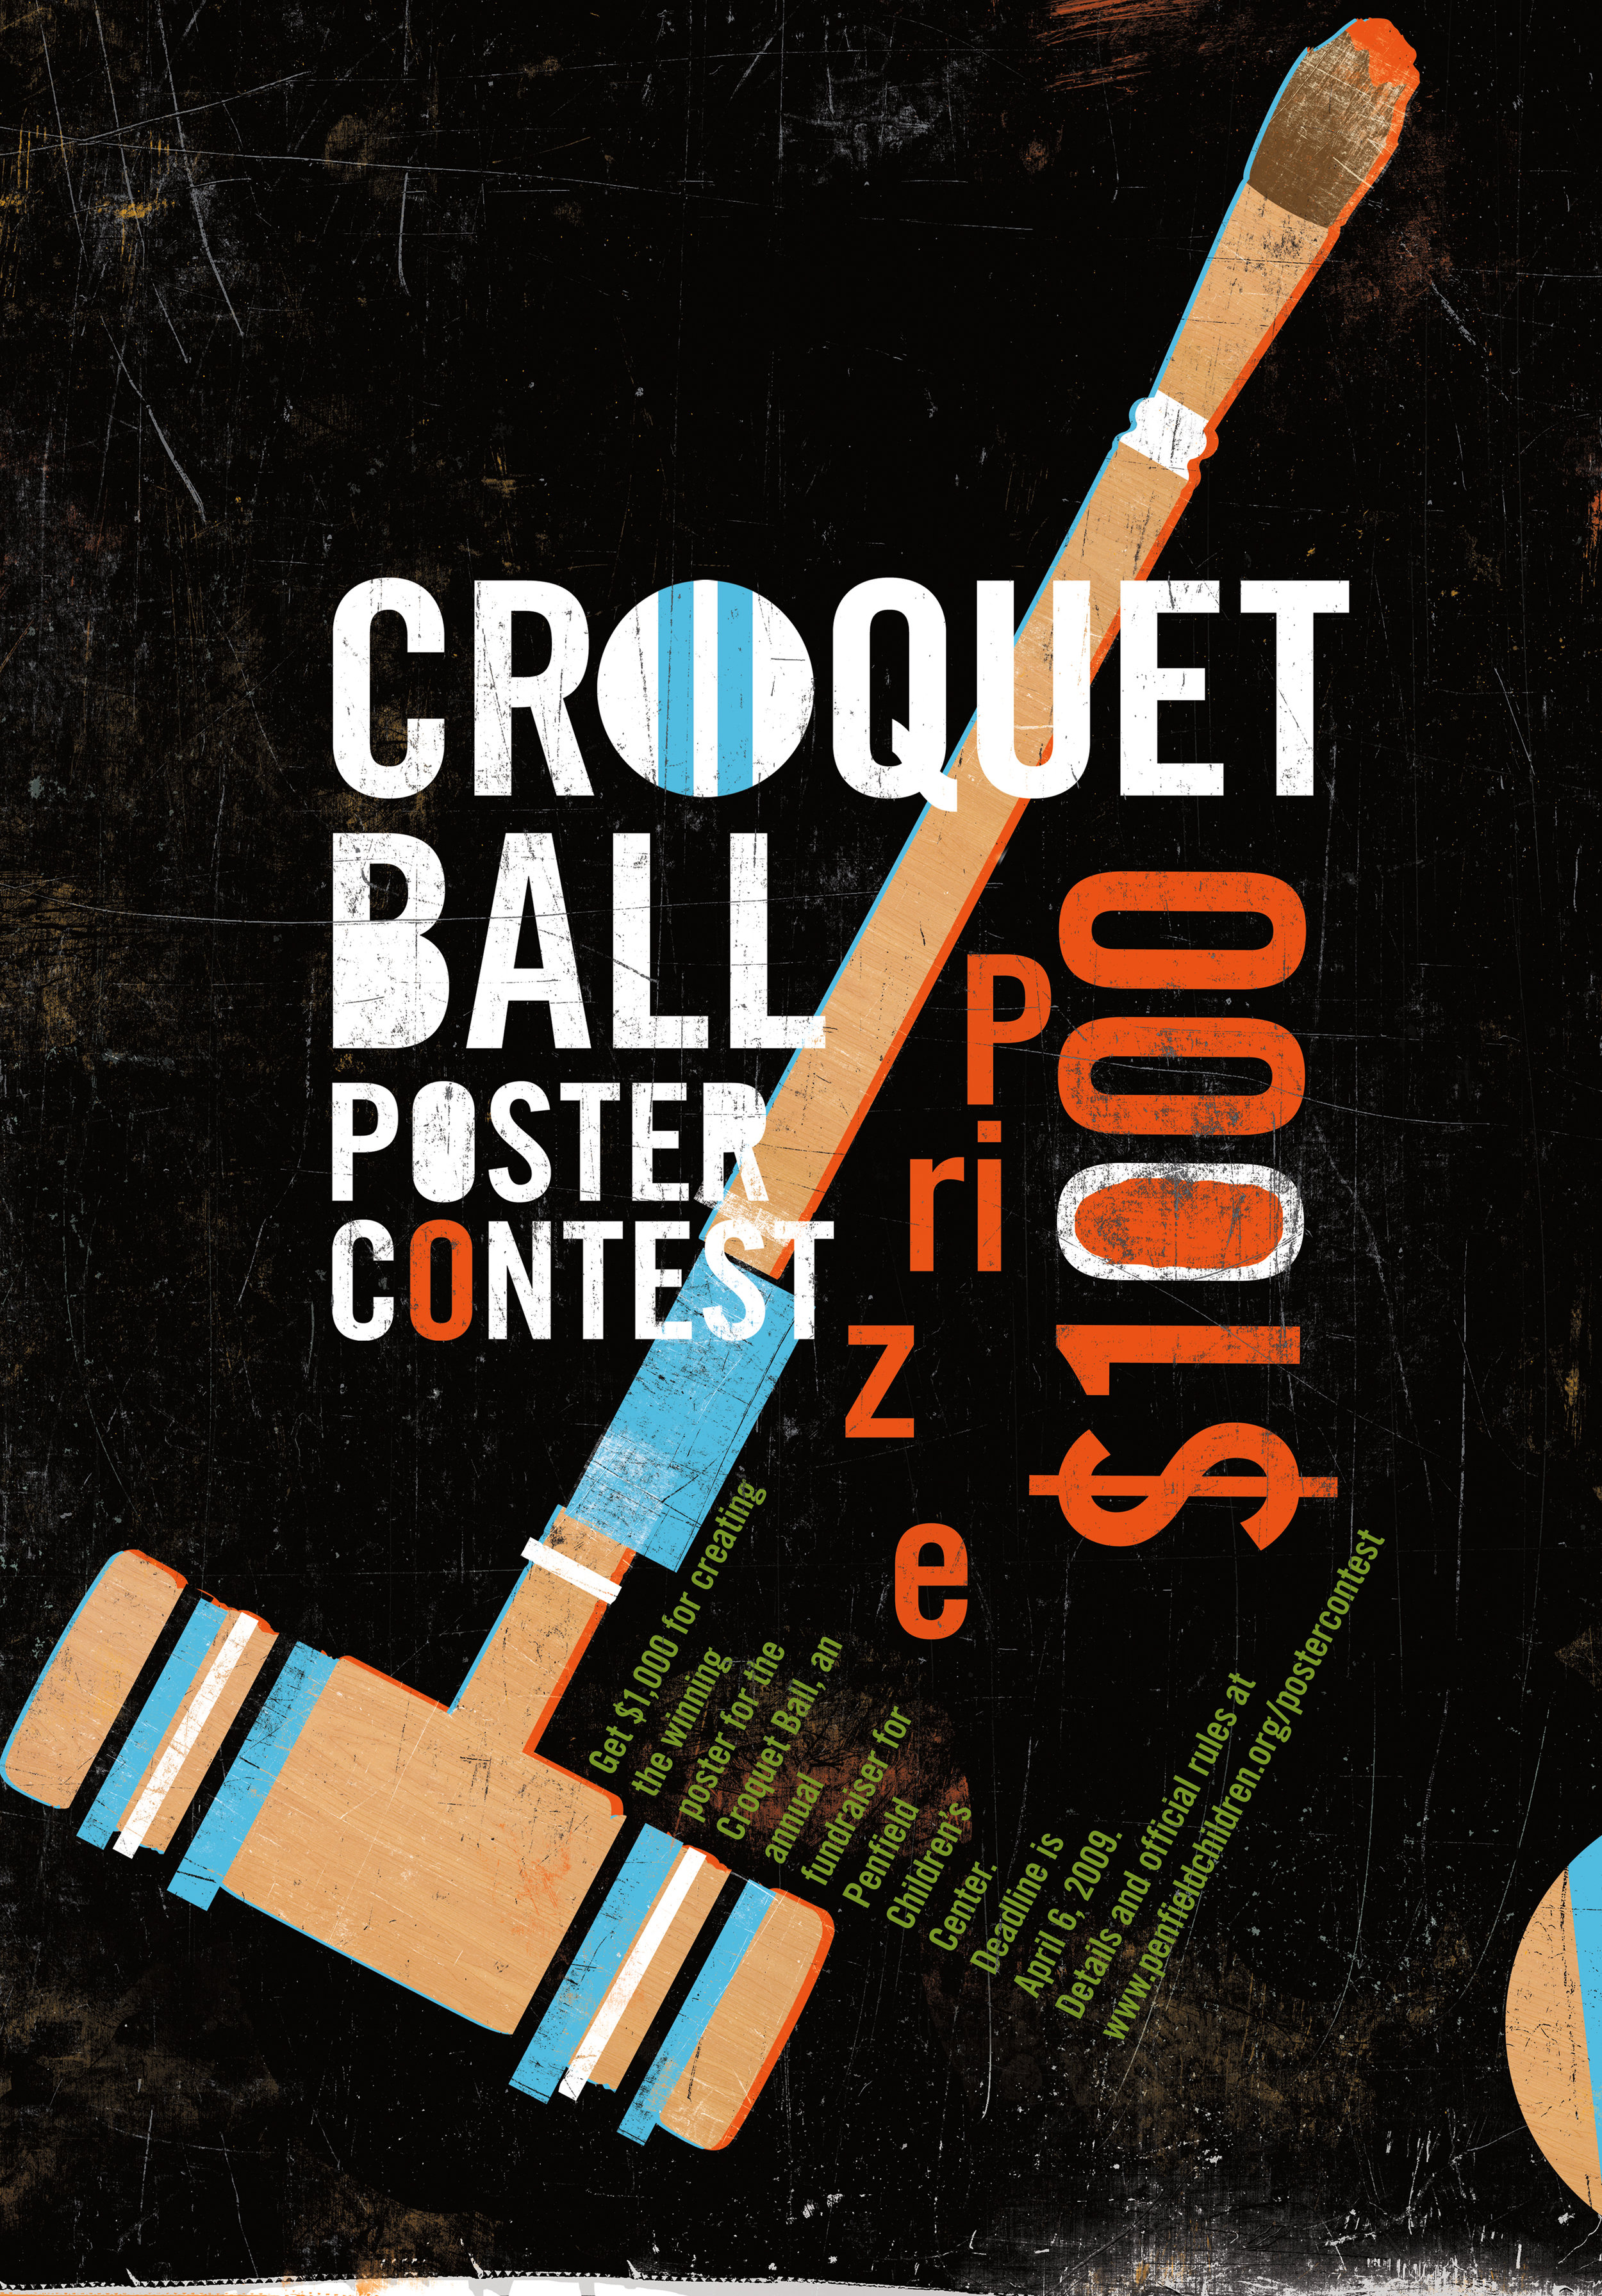 croquet_mallet.jpg